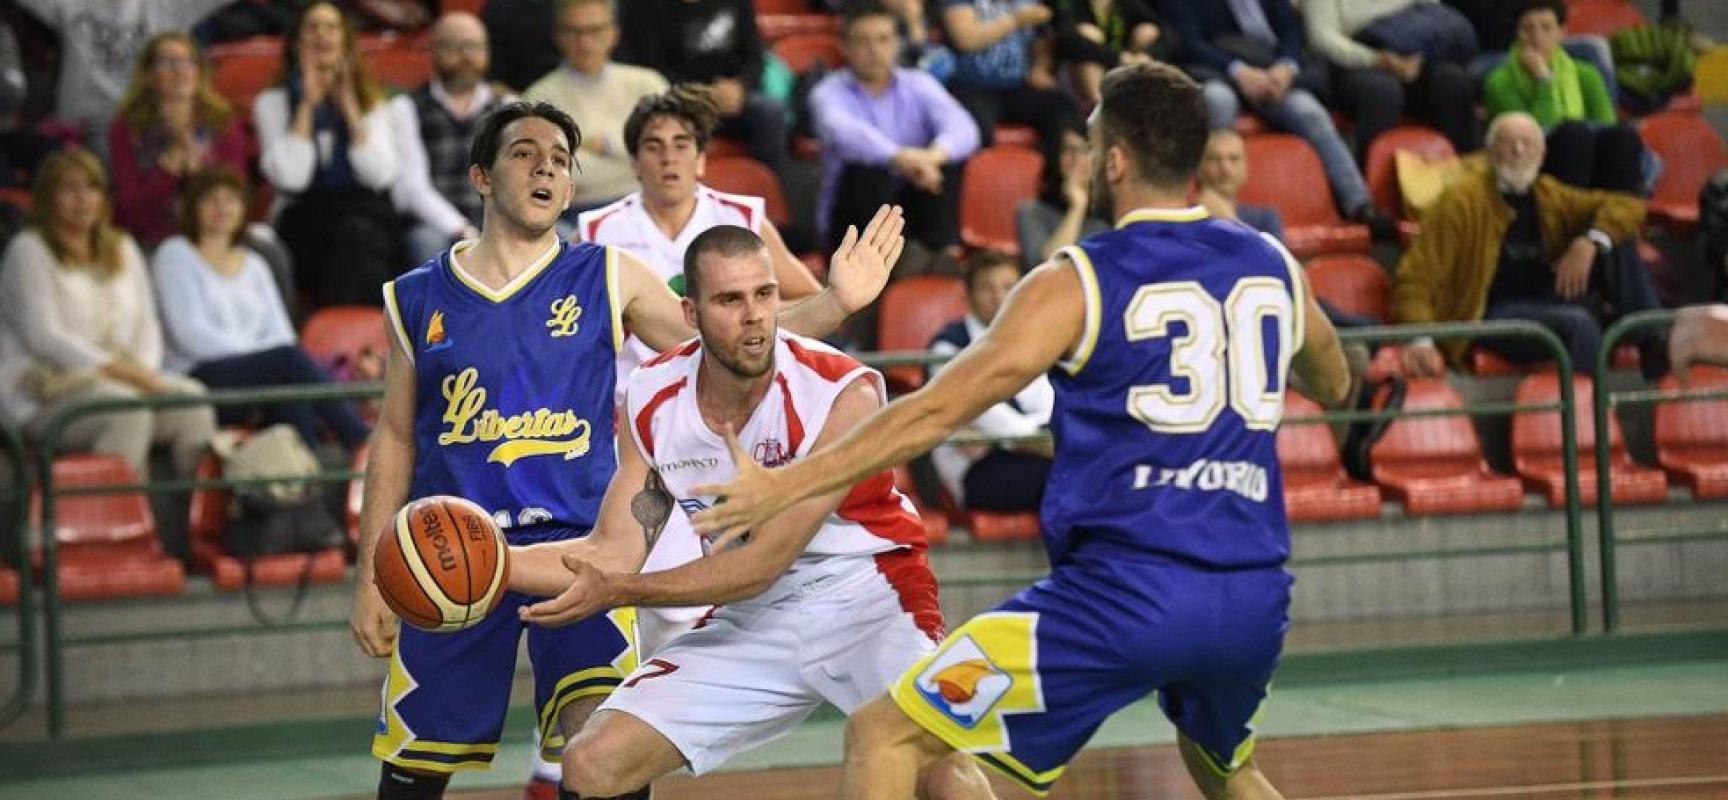 La Geonova sconfitta in casa dalla Libertas Livorno all'esordio nei playoff